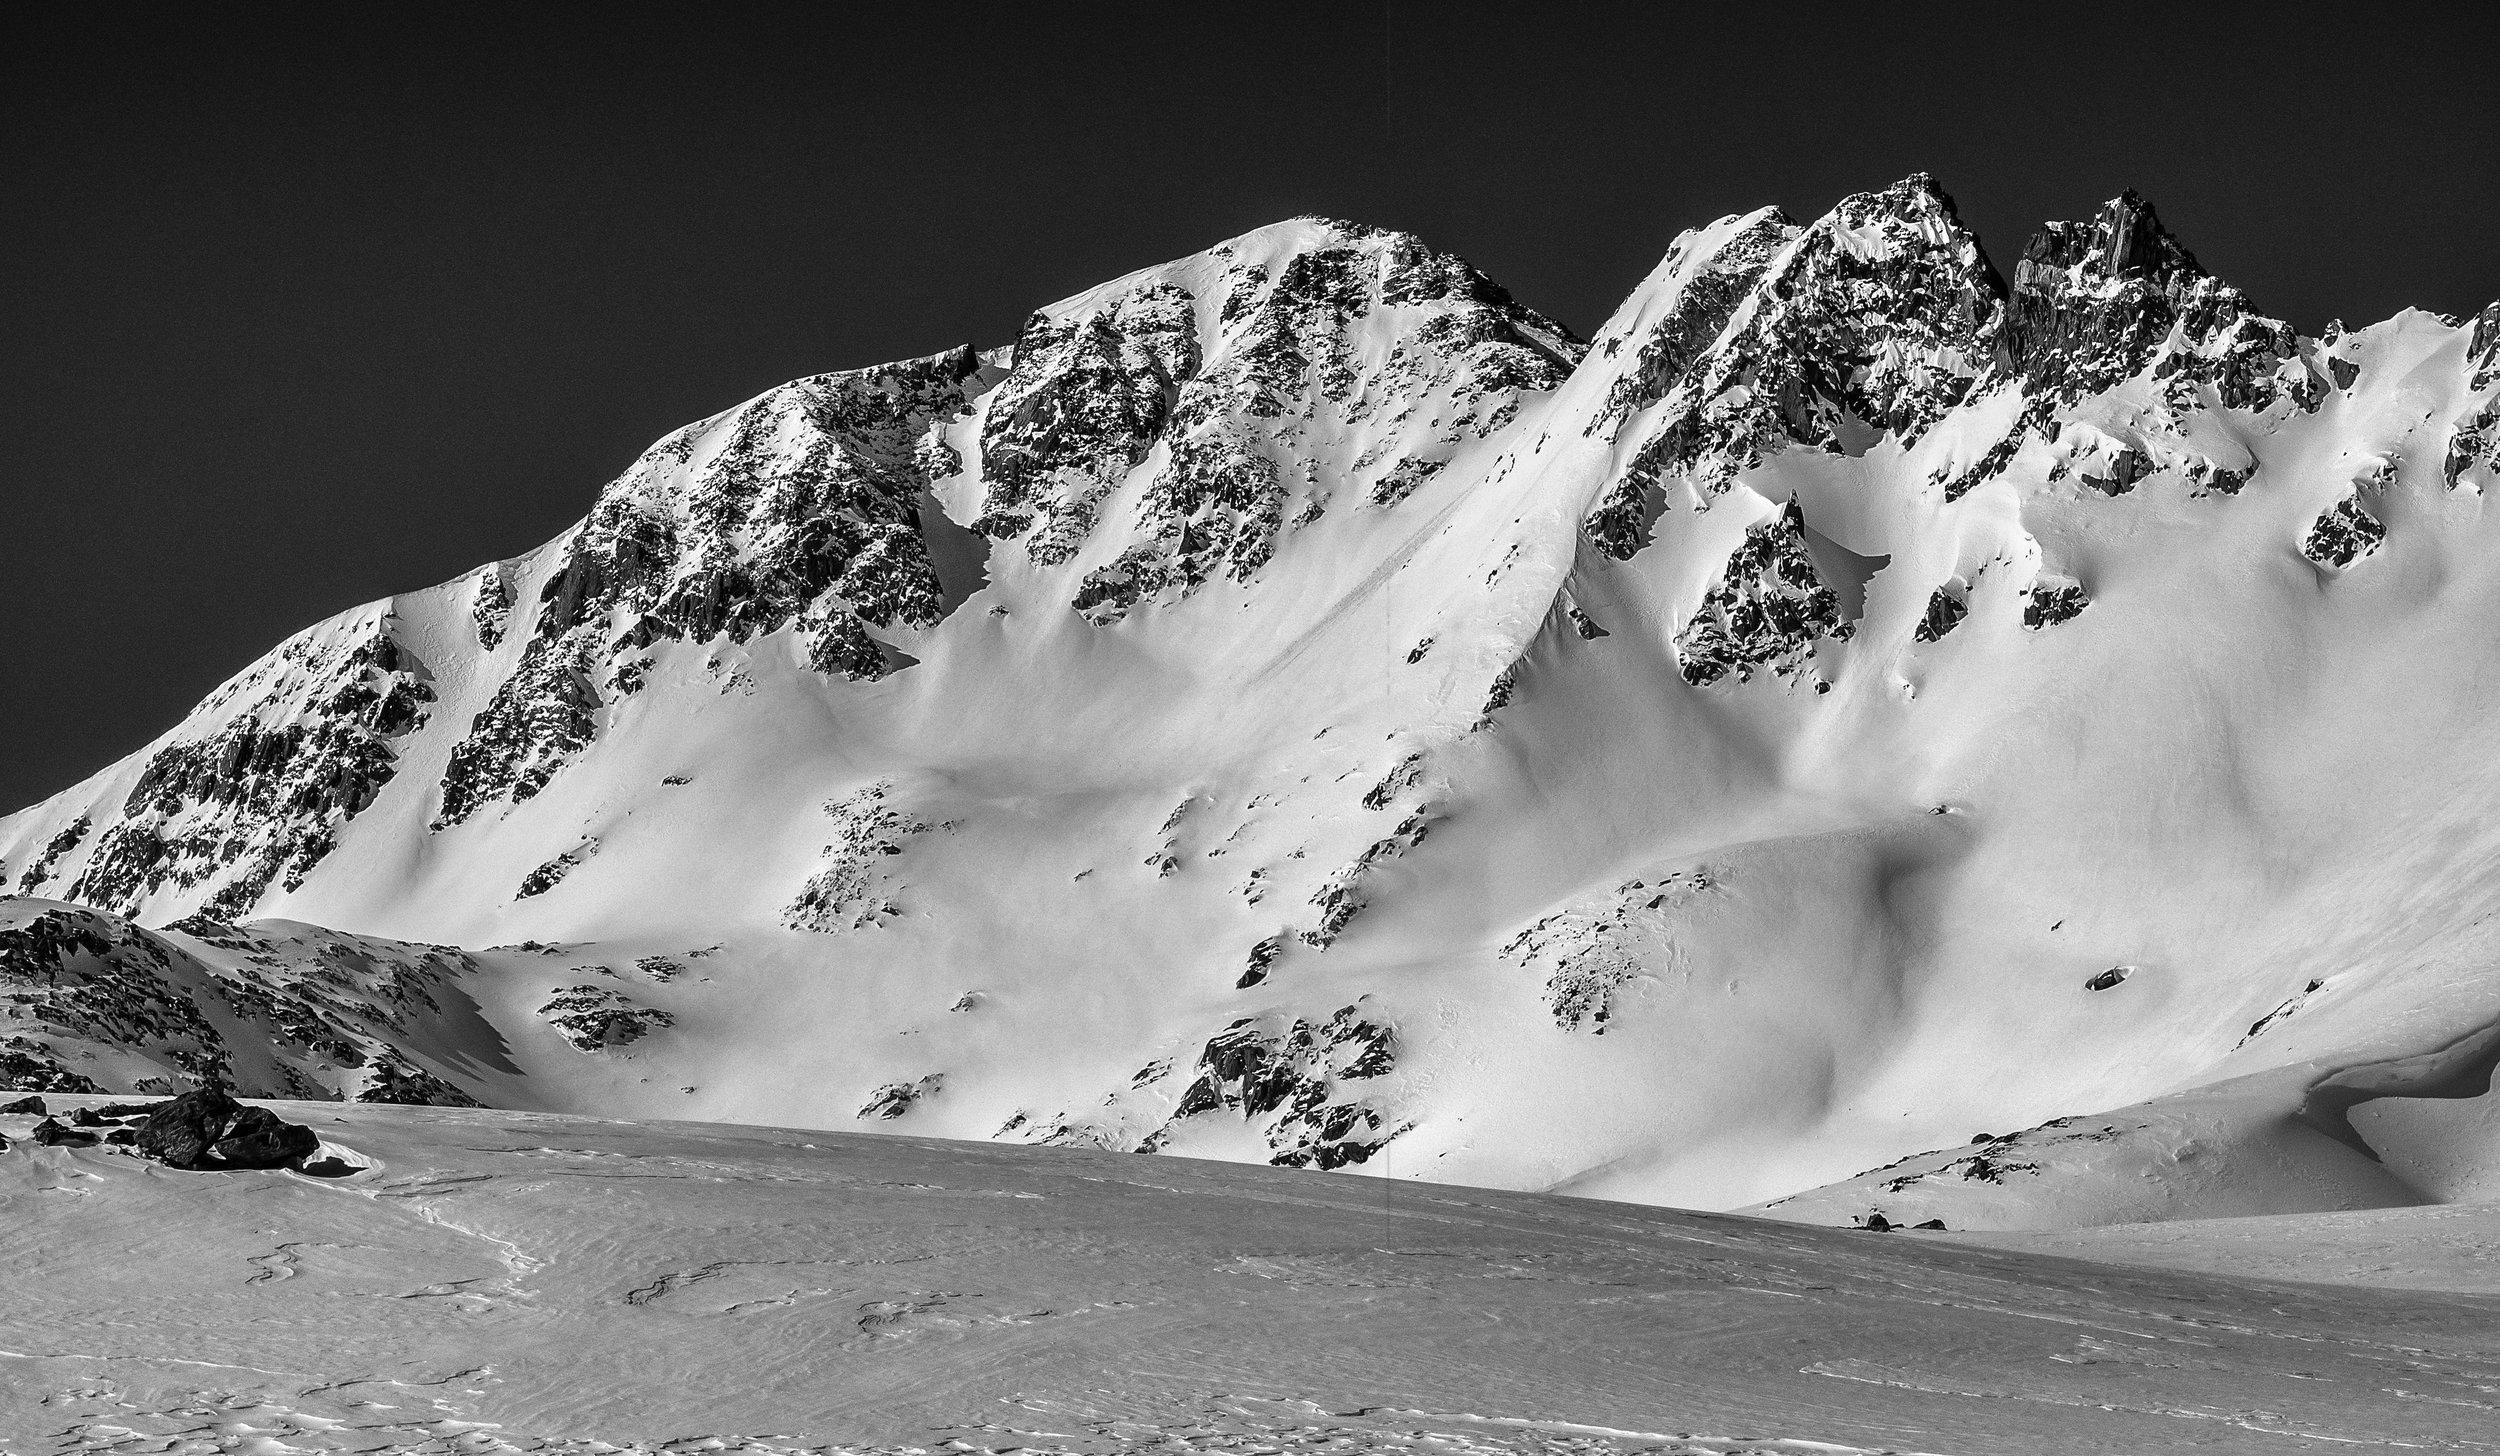 Fletcher Mtn. - Tenmile Range, CO